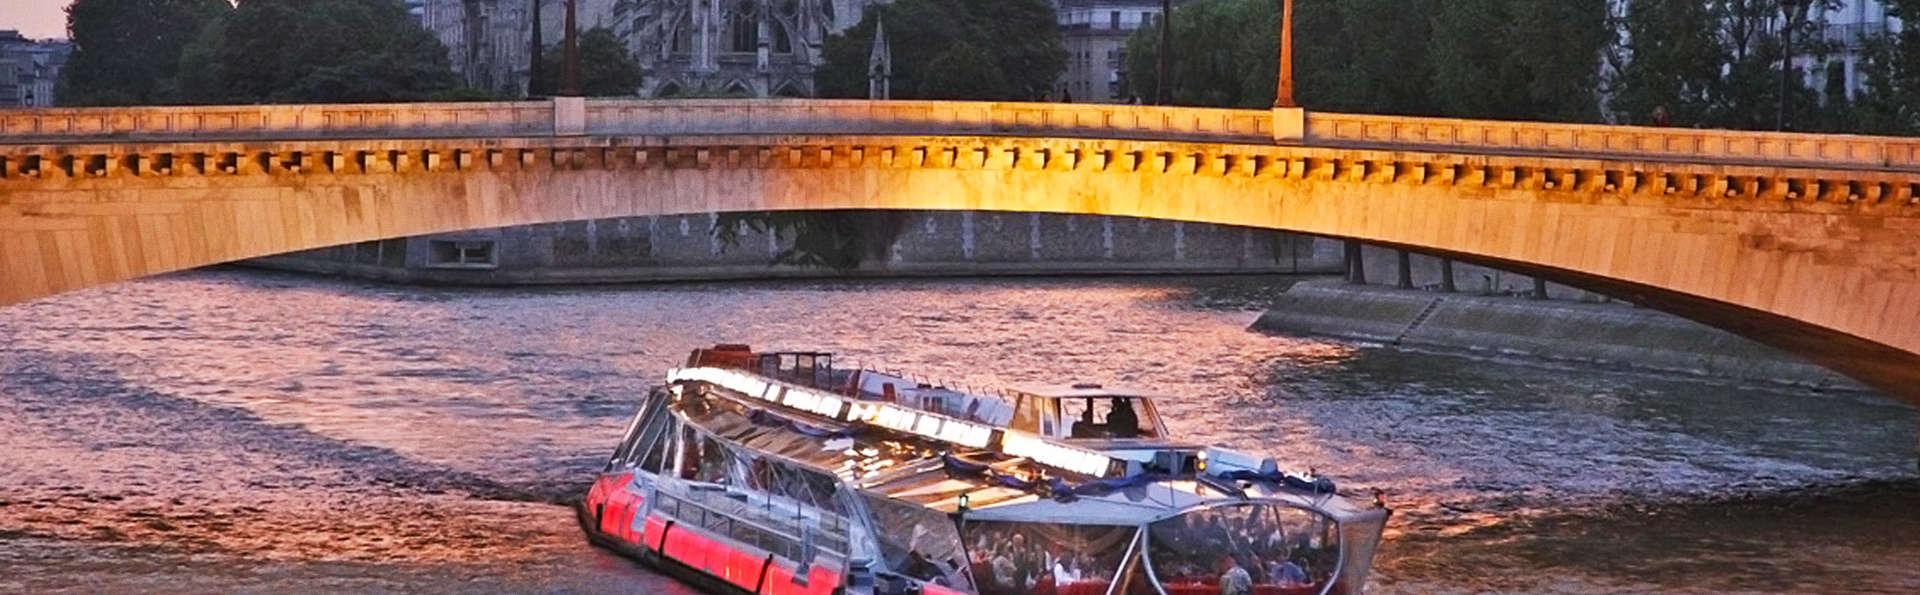 Luxe et romantisme à Paris avec croisière sur la Seine